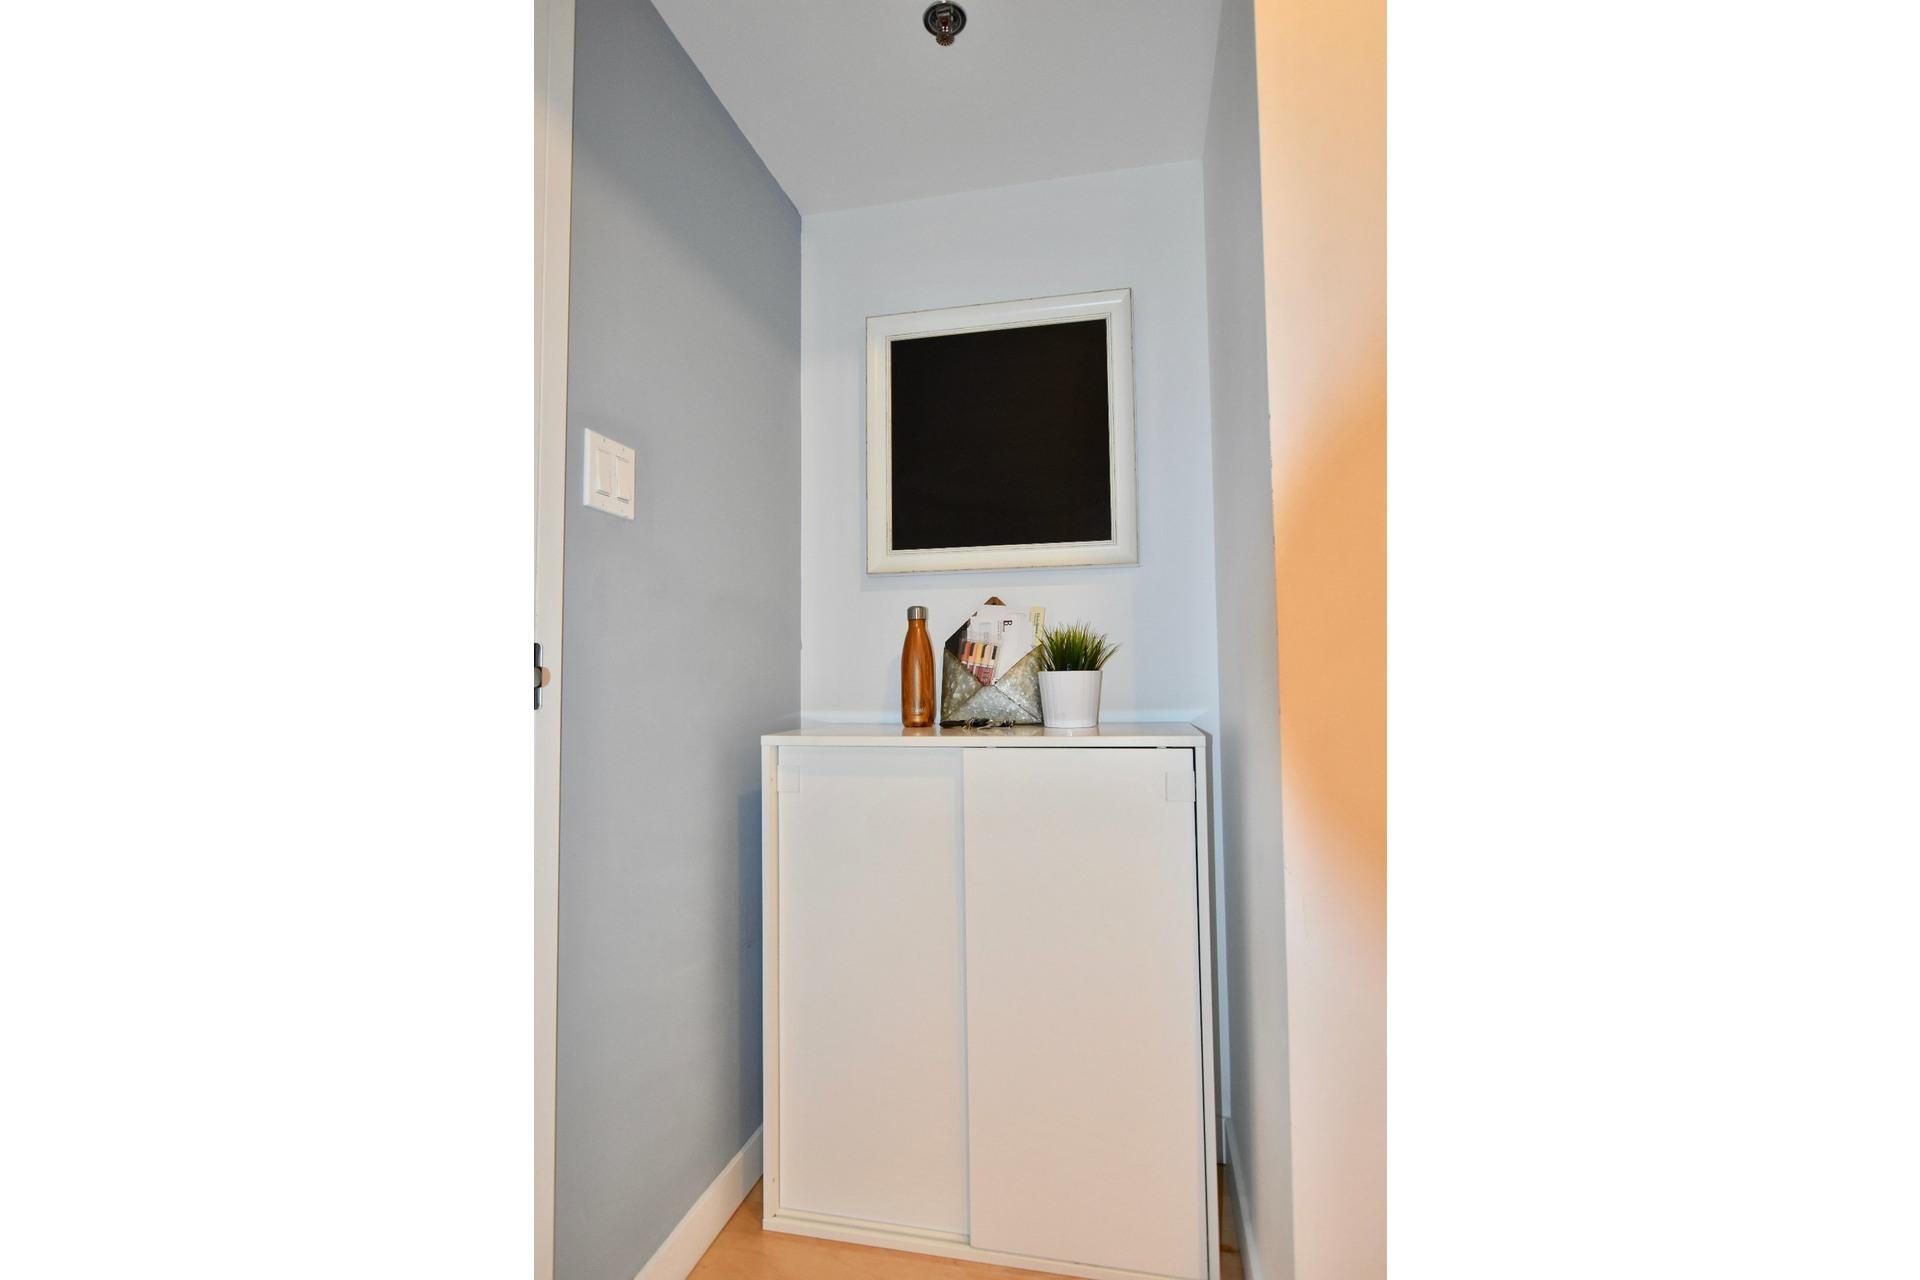 image 4 - Apartment For rent Lachine Montréal  - 6 rooms